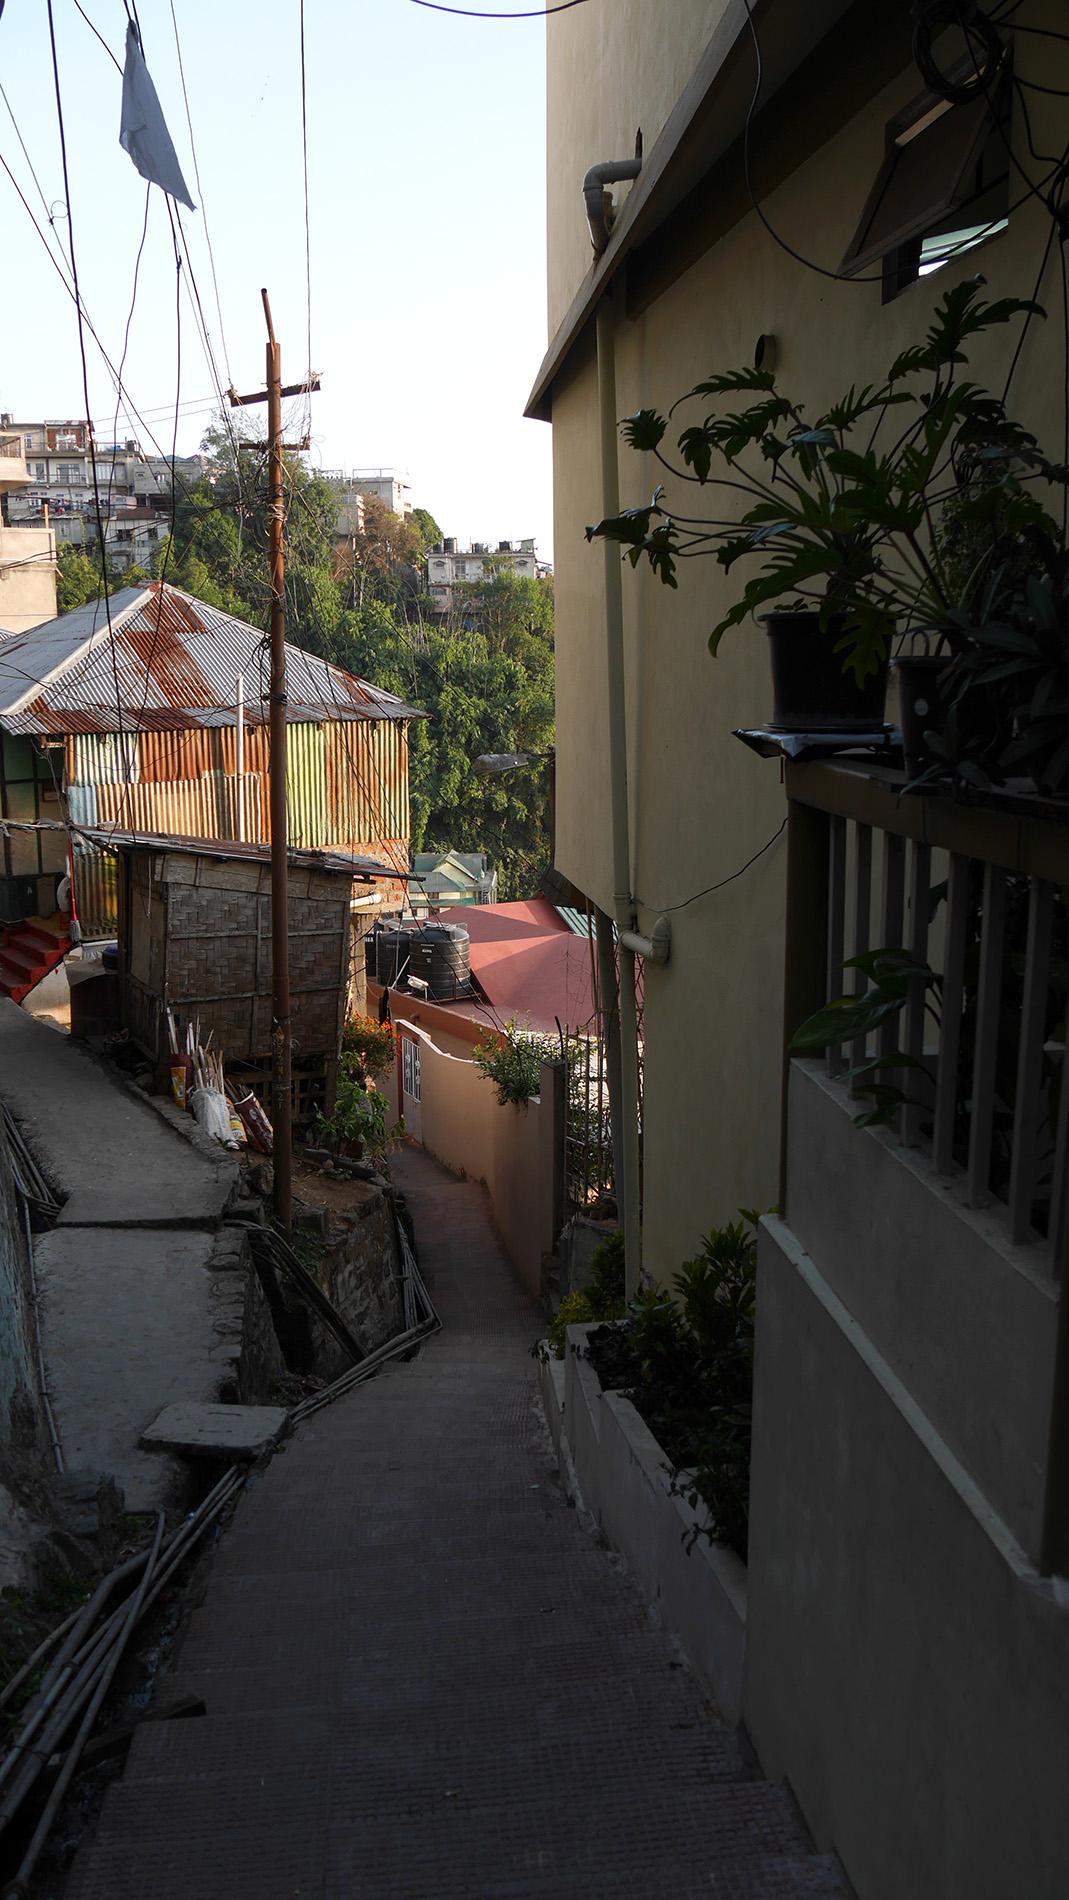 Himalajan juurella sijaitsevan Aizawlin mutkittelevilla kaduilla pääsee kipuamaan portaita ylös-alas